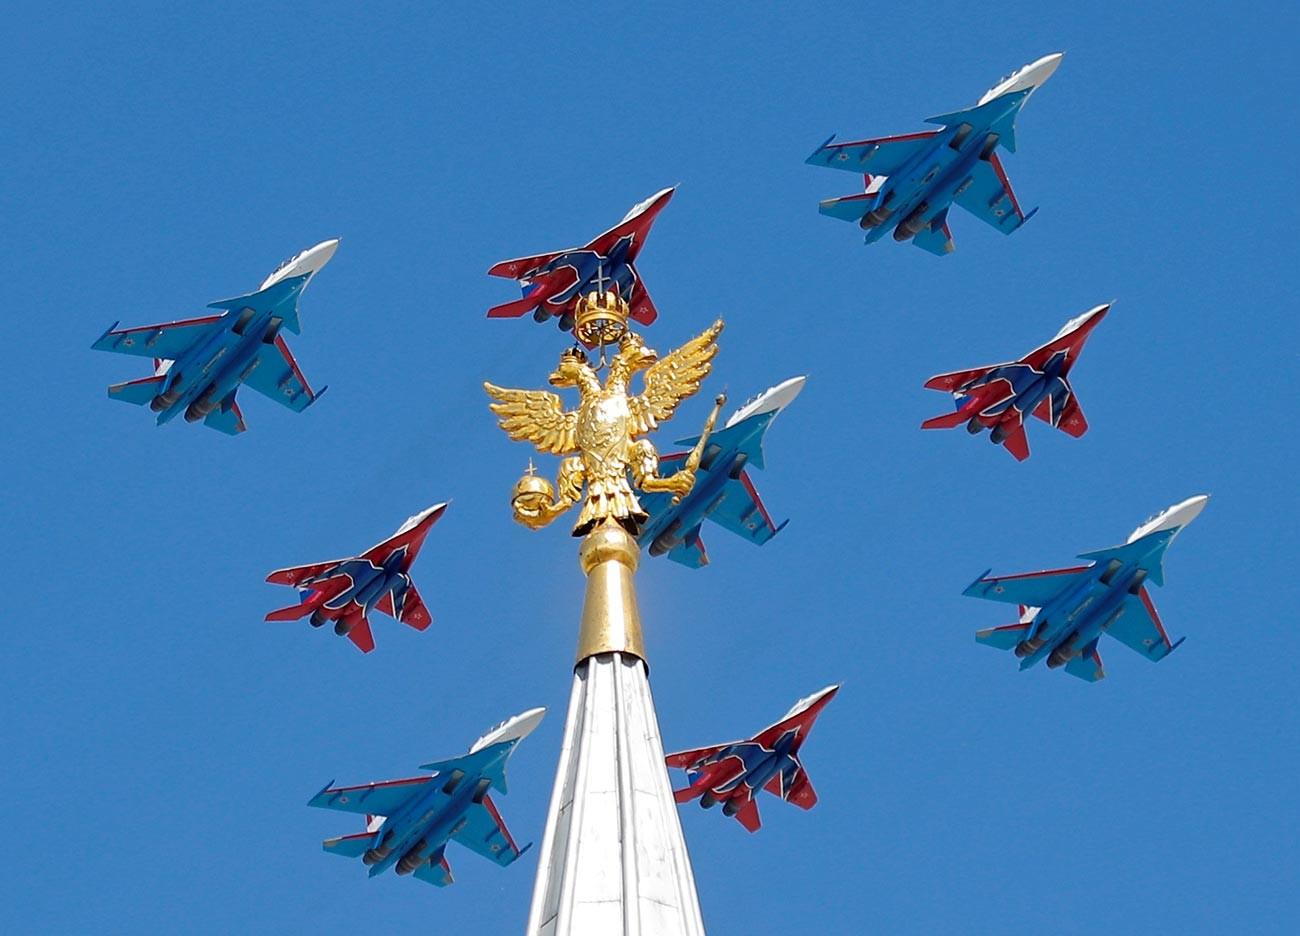 Striži med parado zmage nad Moskvo v spremstvu lovcev Su-30